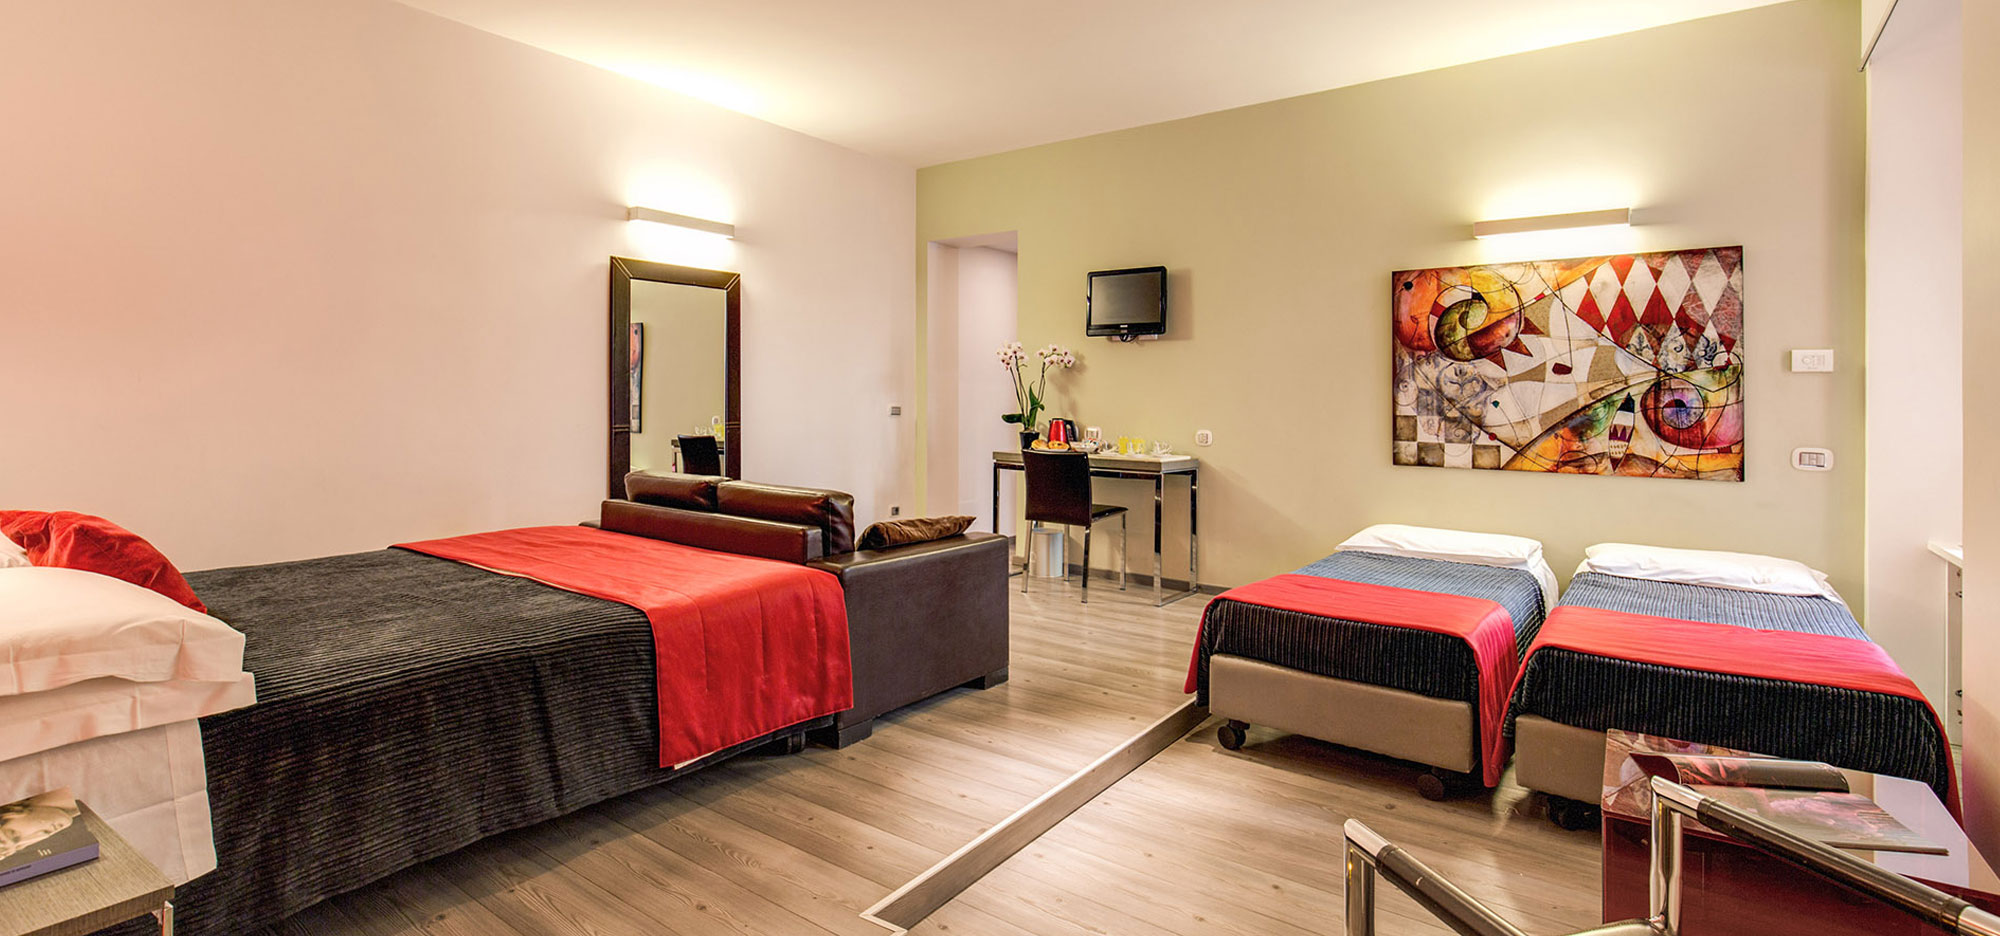 Hotel Residenza Borghese Rome